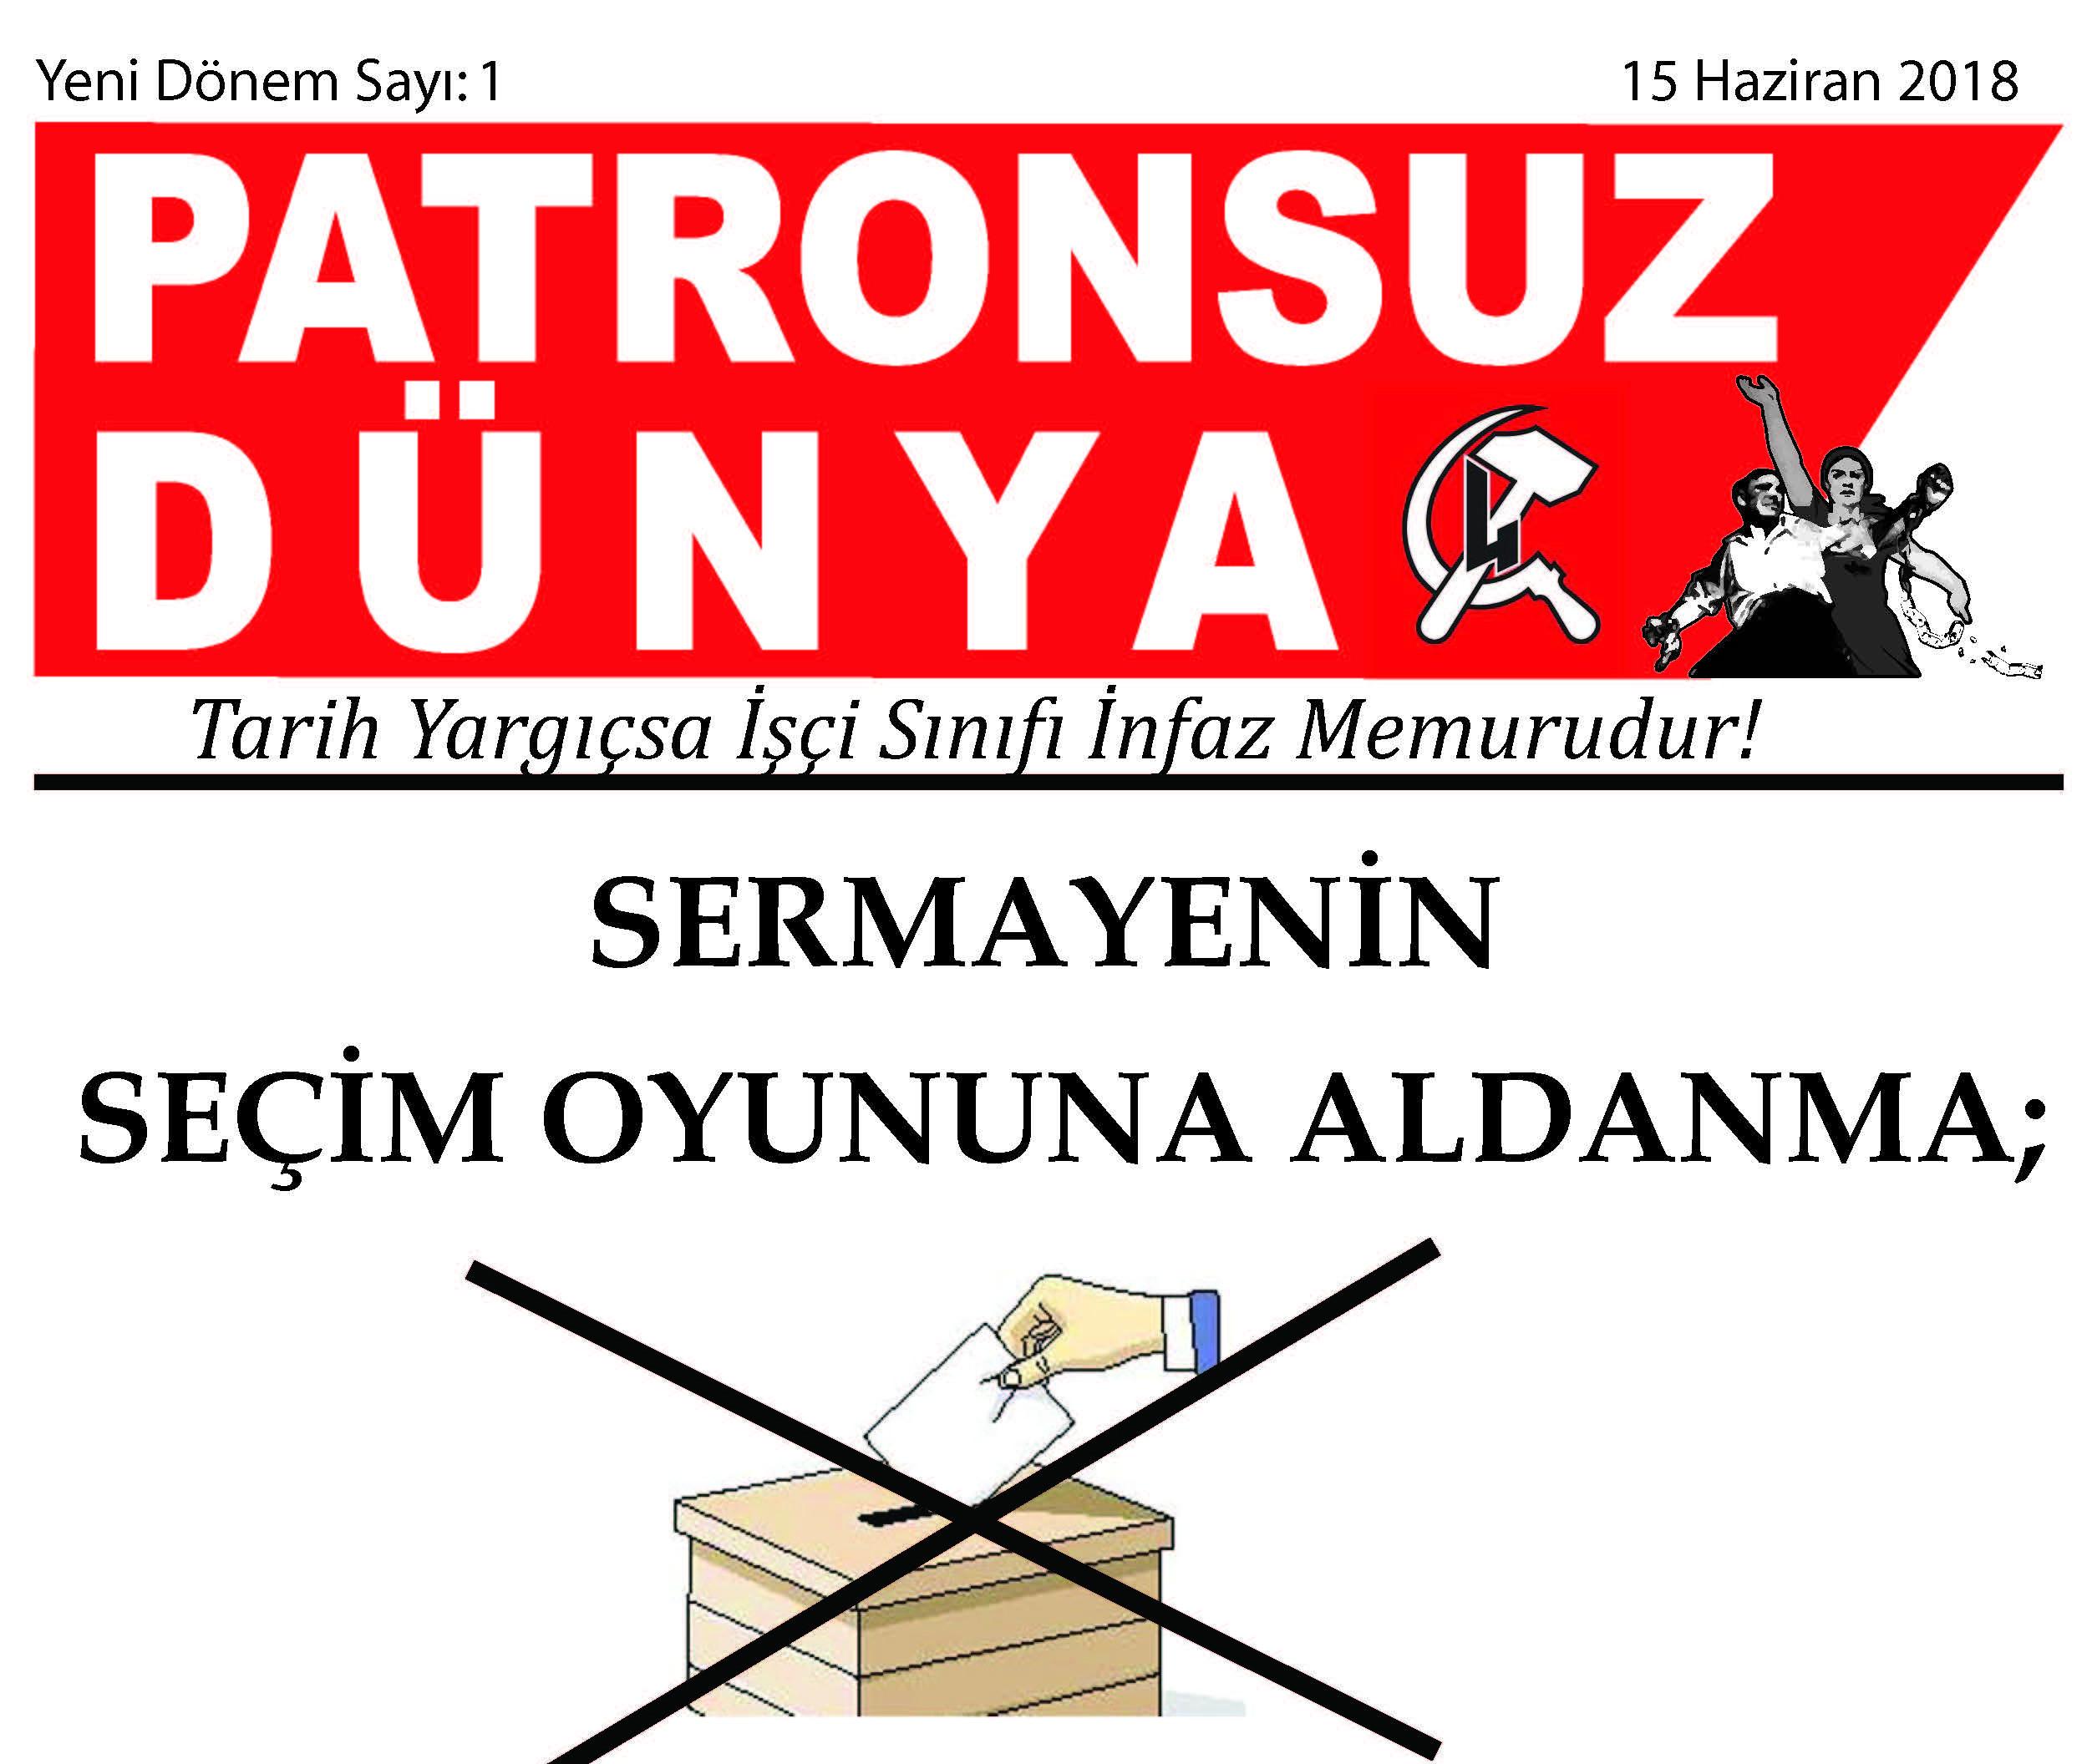 Les travailleurs n'ont pas d'intérêt dans la lutte pour le pouvoir du capital (Patronsuz Dünya - Turquie)